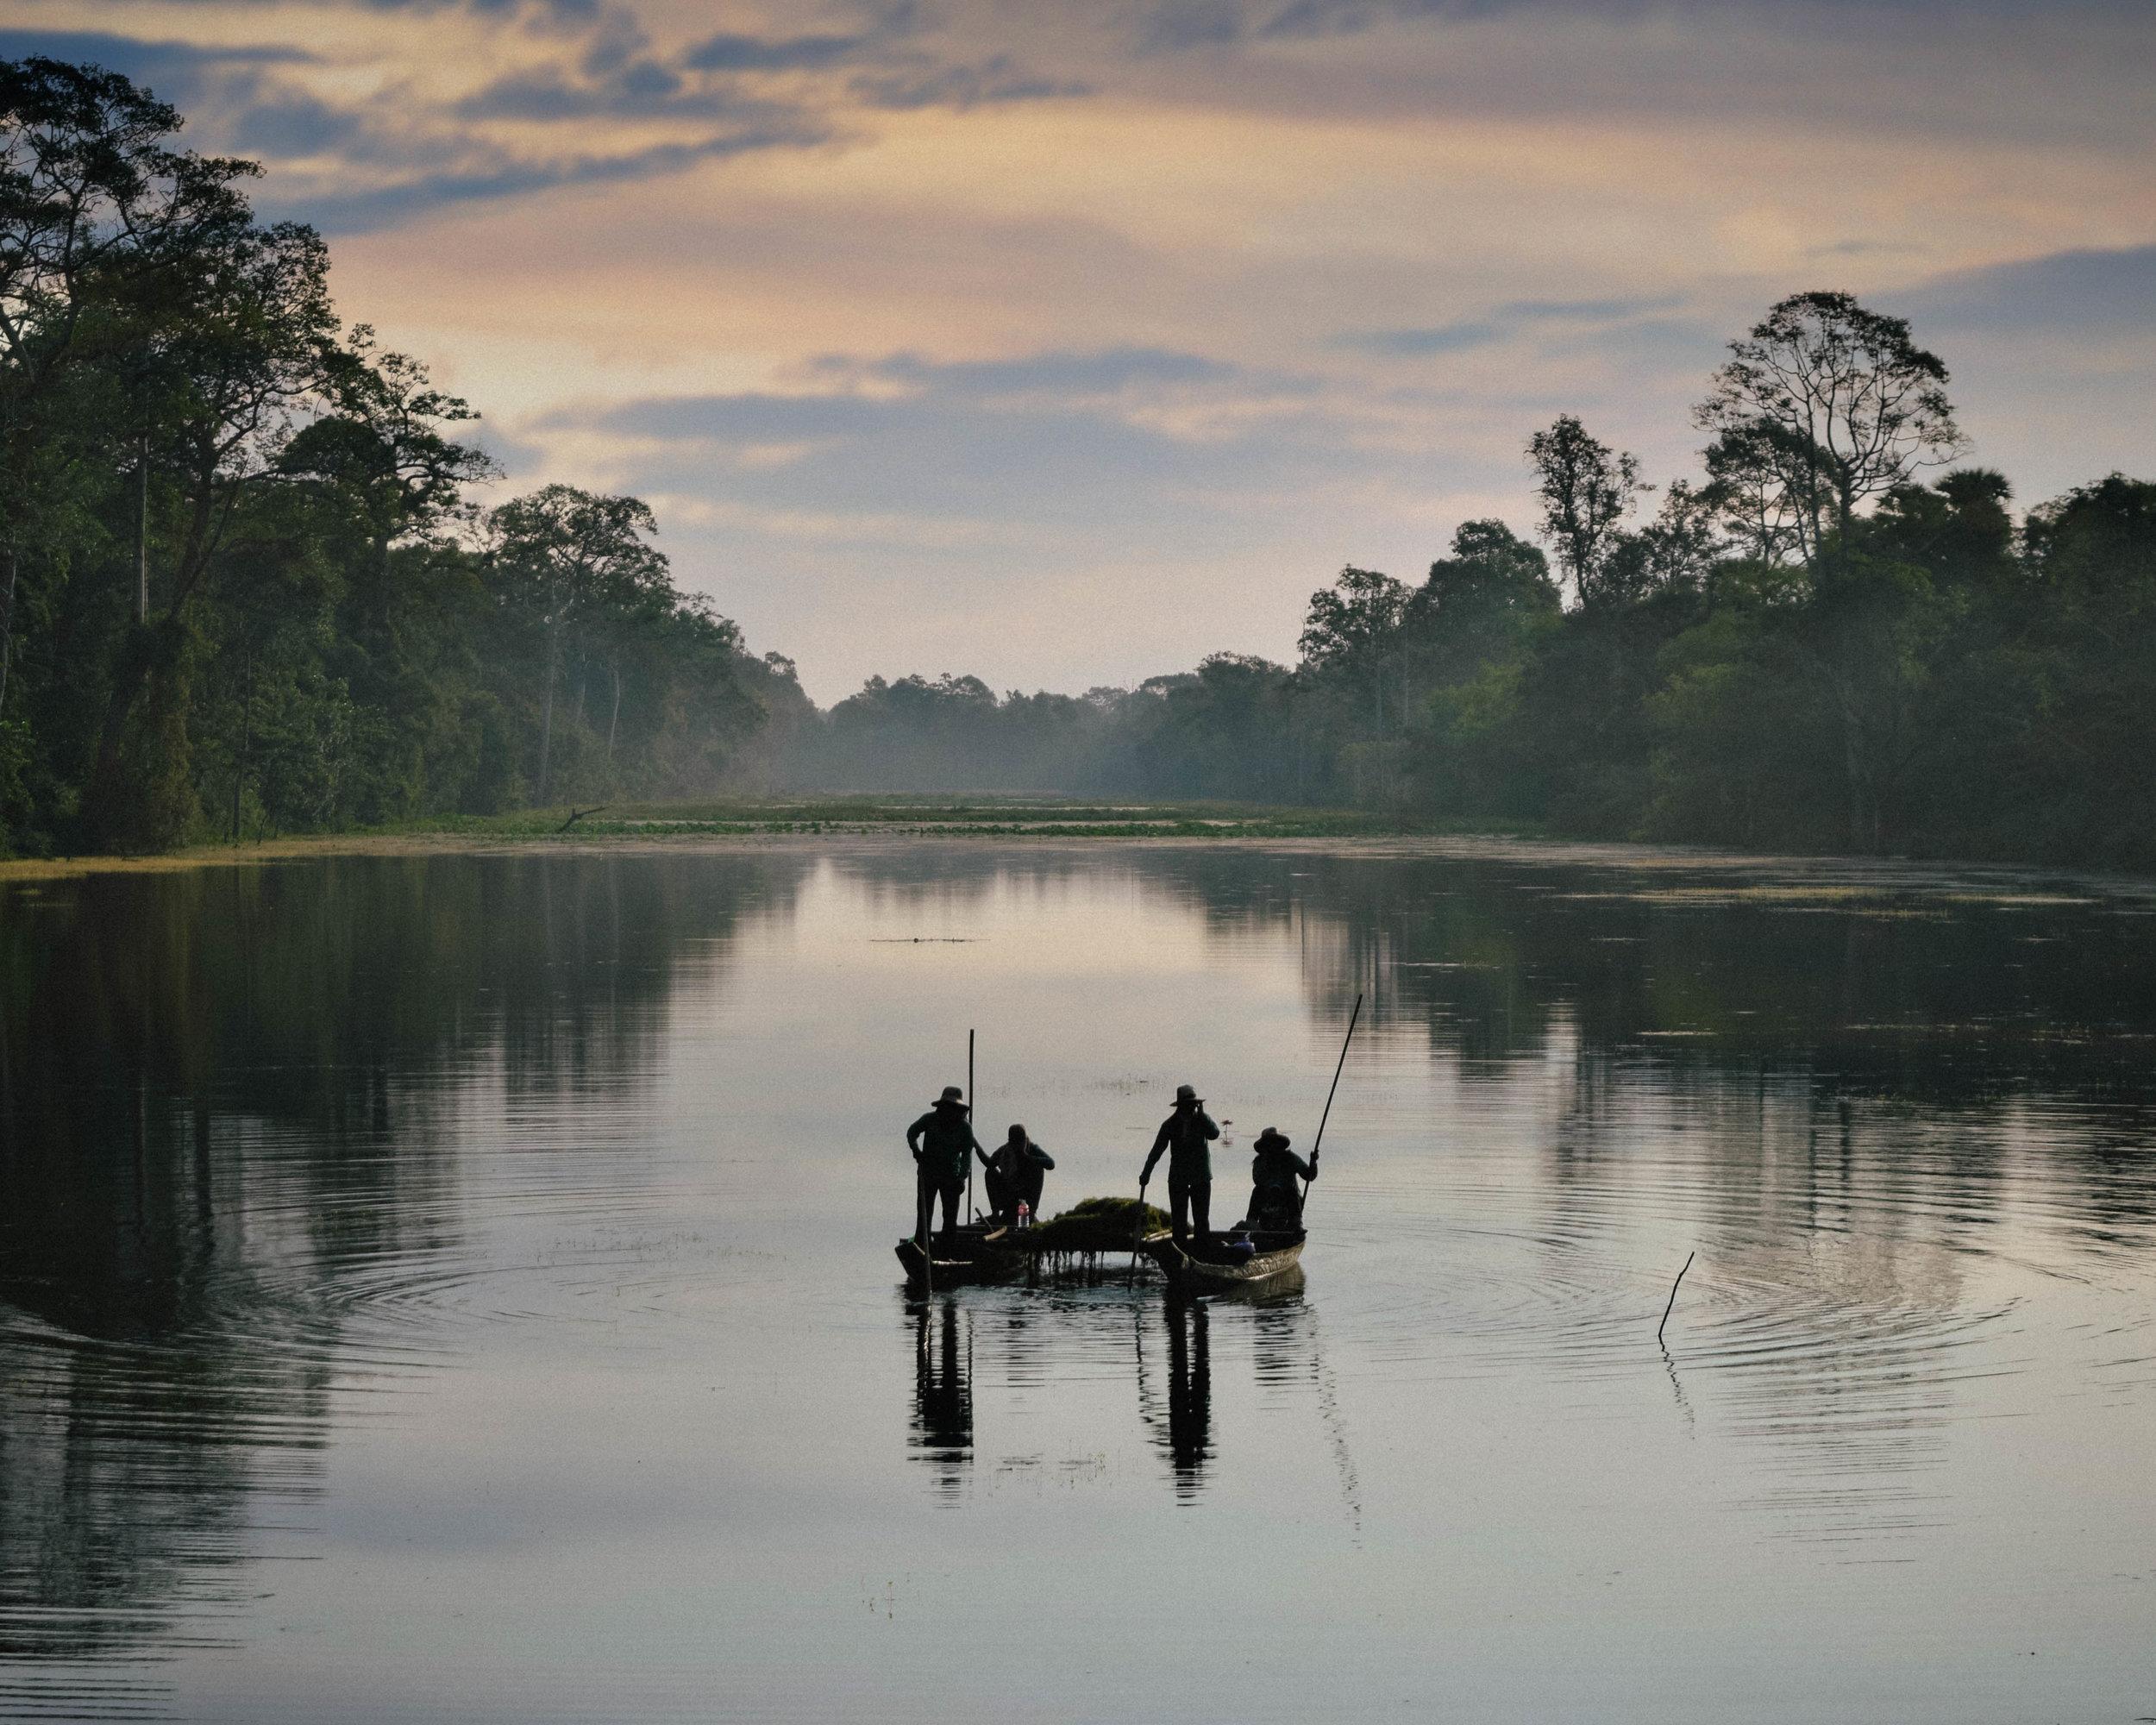 Fishermen at Angkor Wat